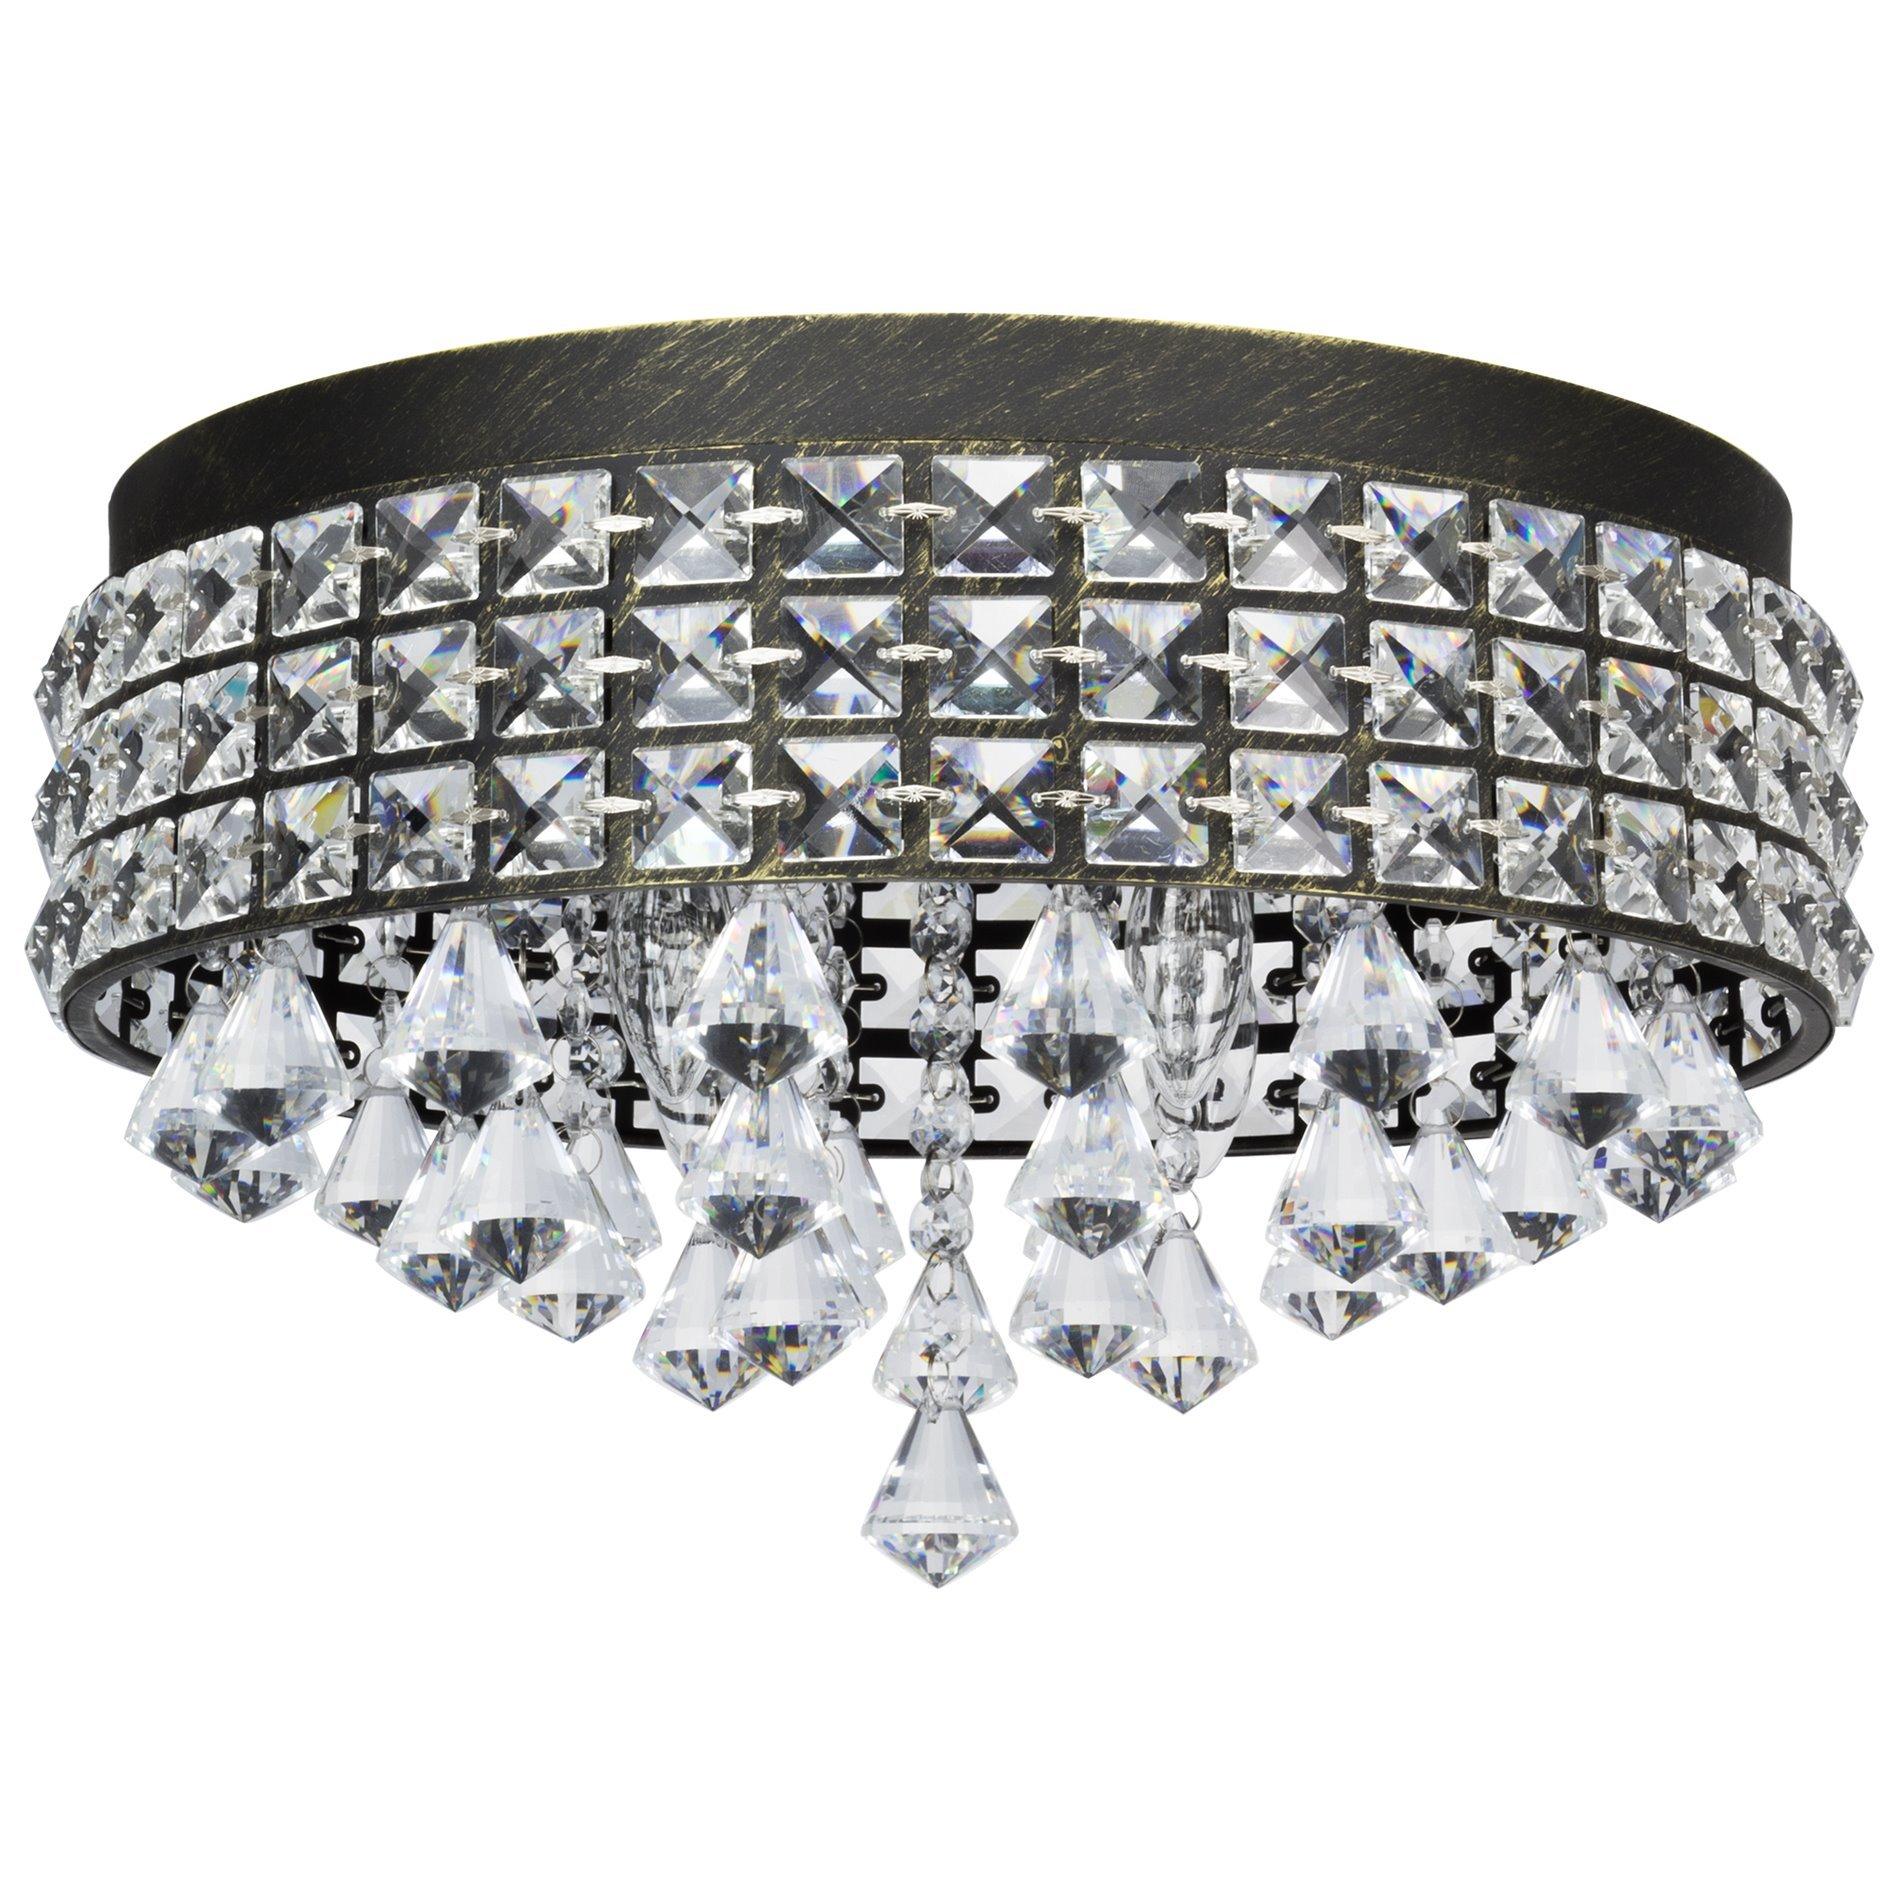 Revel/Kira Home Gemma 15'' 4-Light Flush Mount Crystal Chandelier, Brushed Black Finish by Kira Home